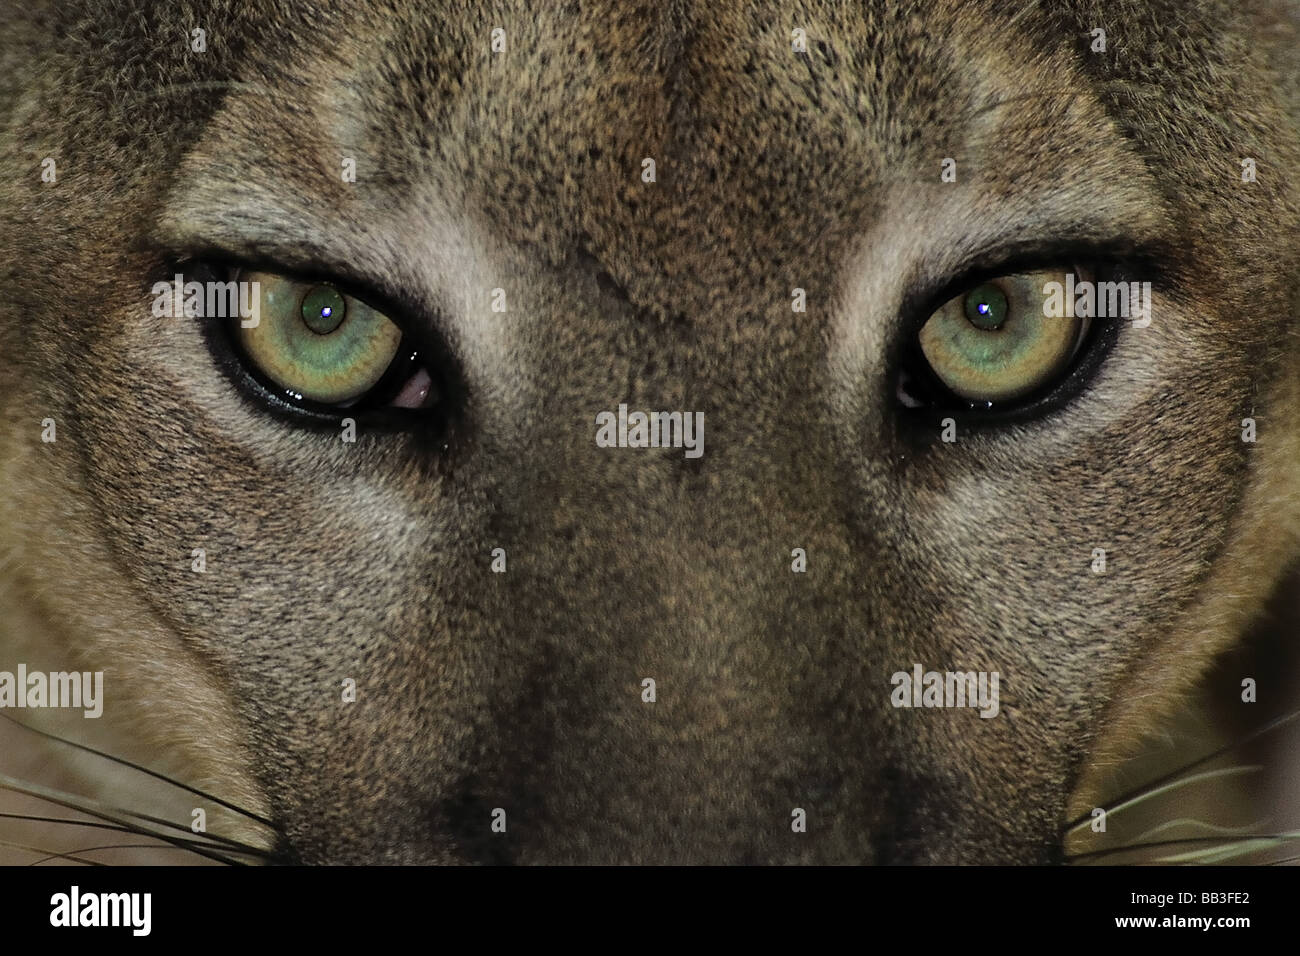 Florida panther Puma concolor coryi Florida captive - Stock Image